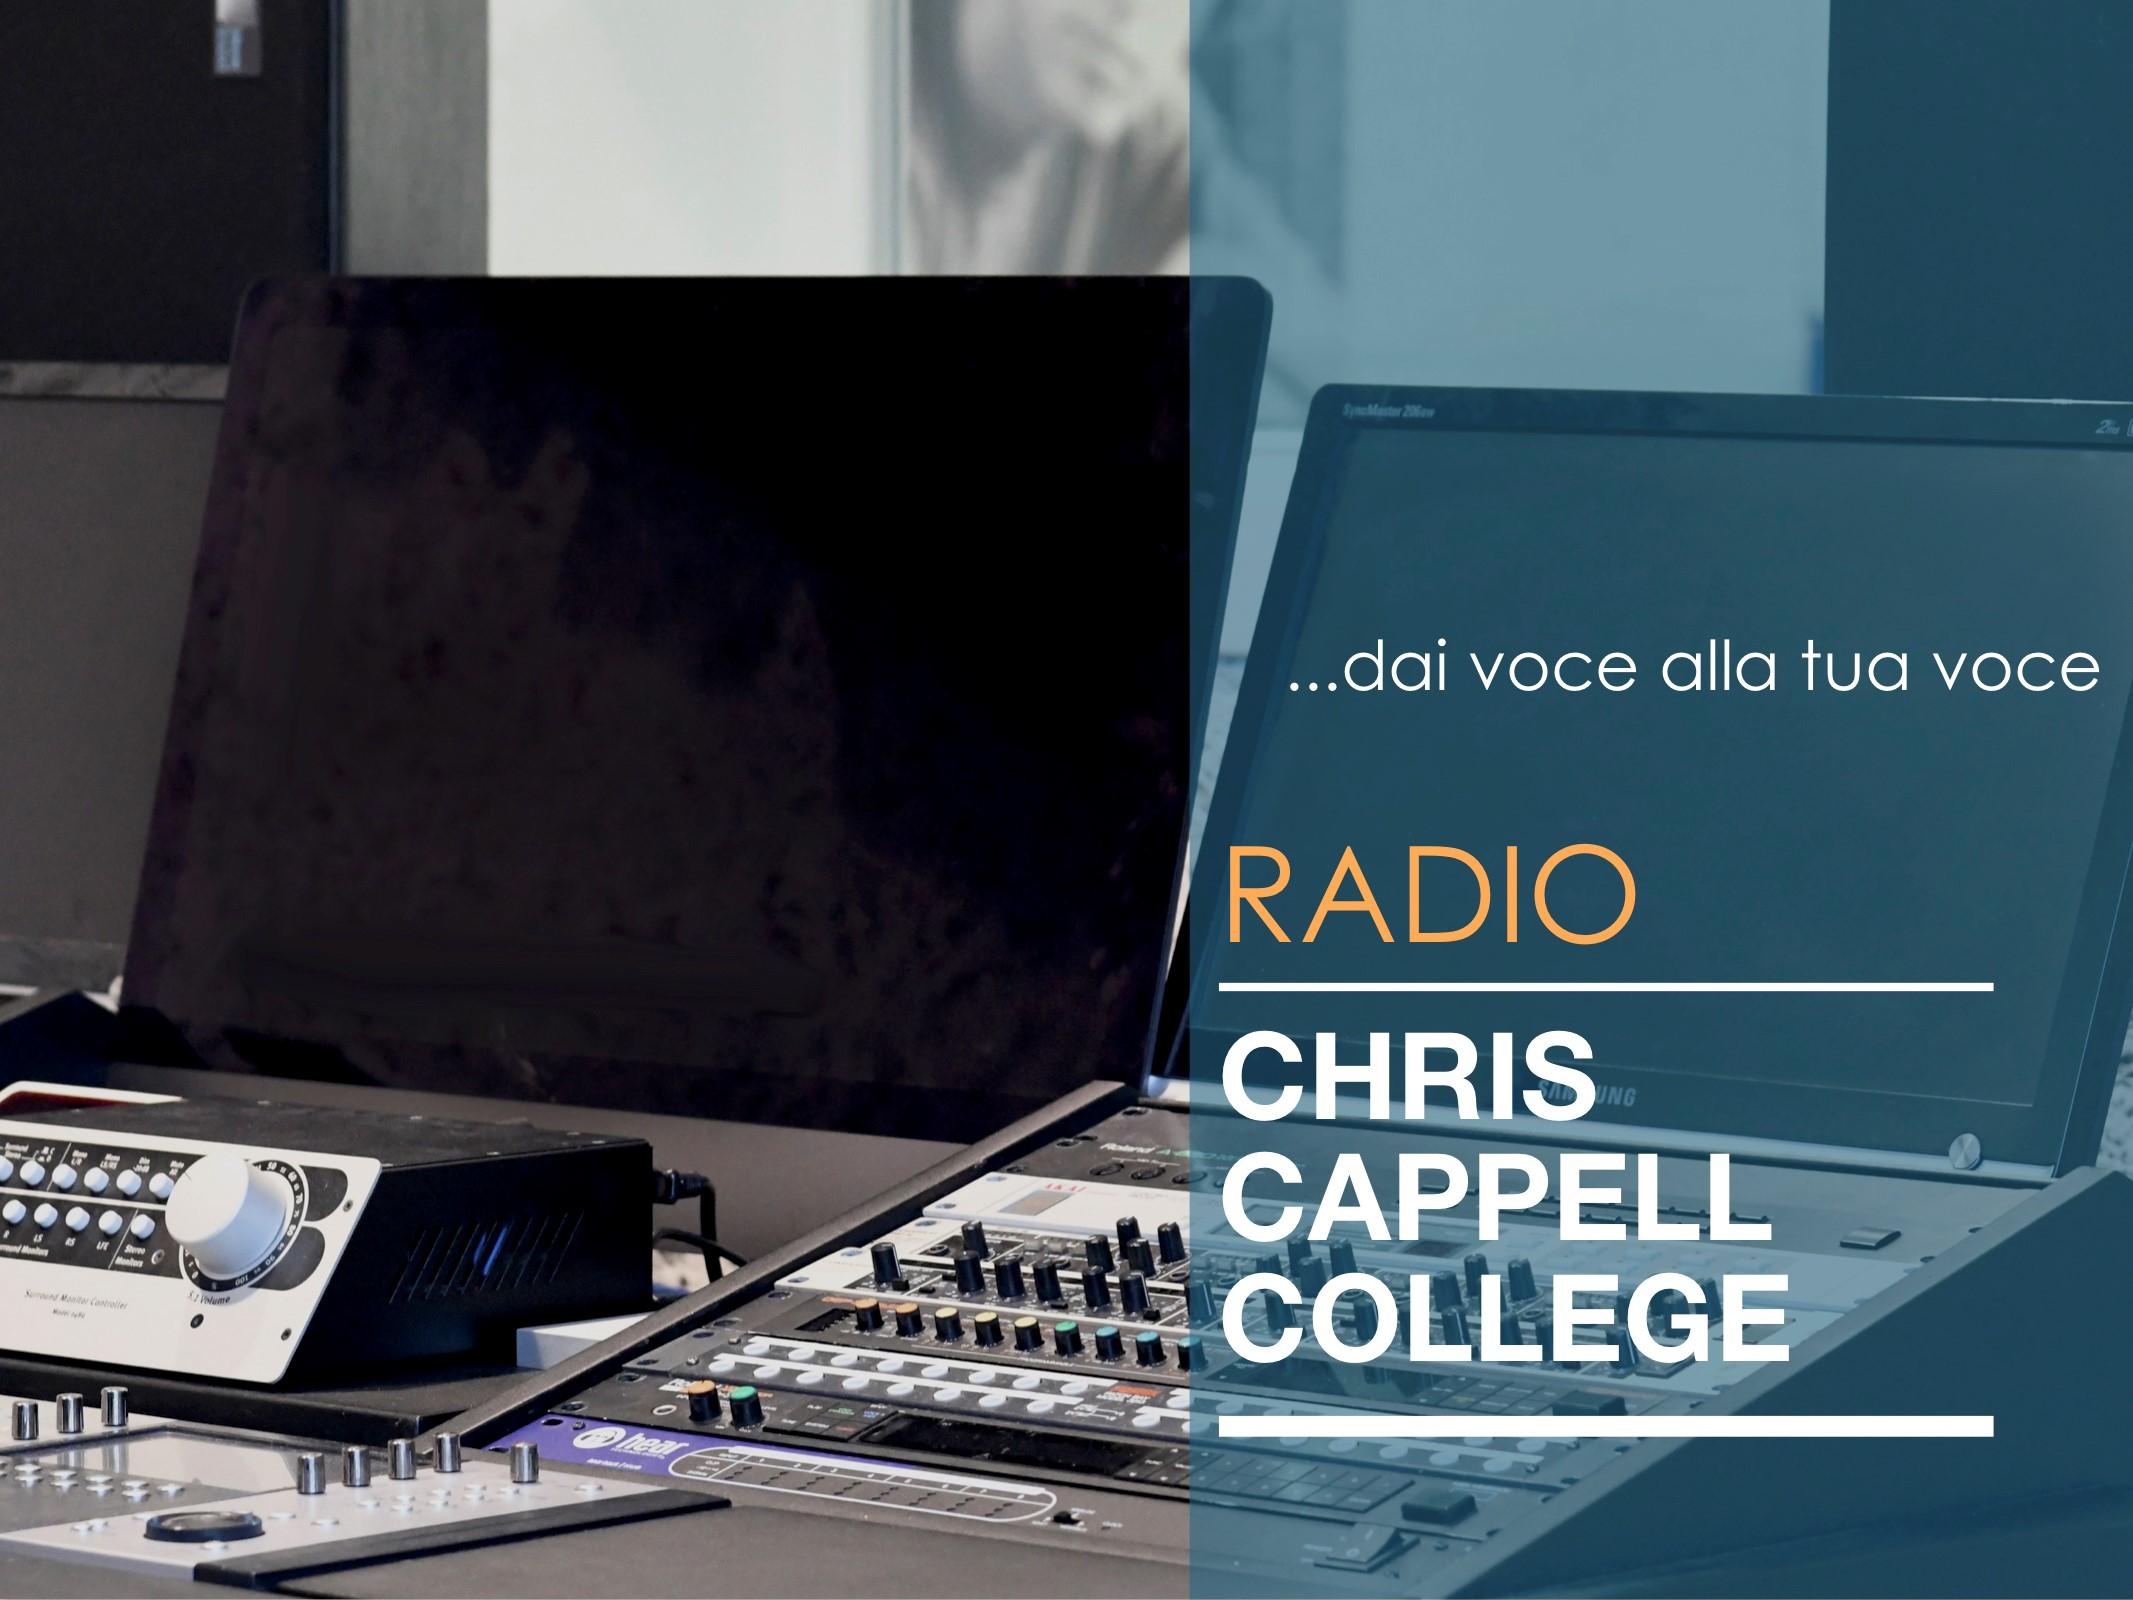 Radio Chris Cappel College